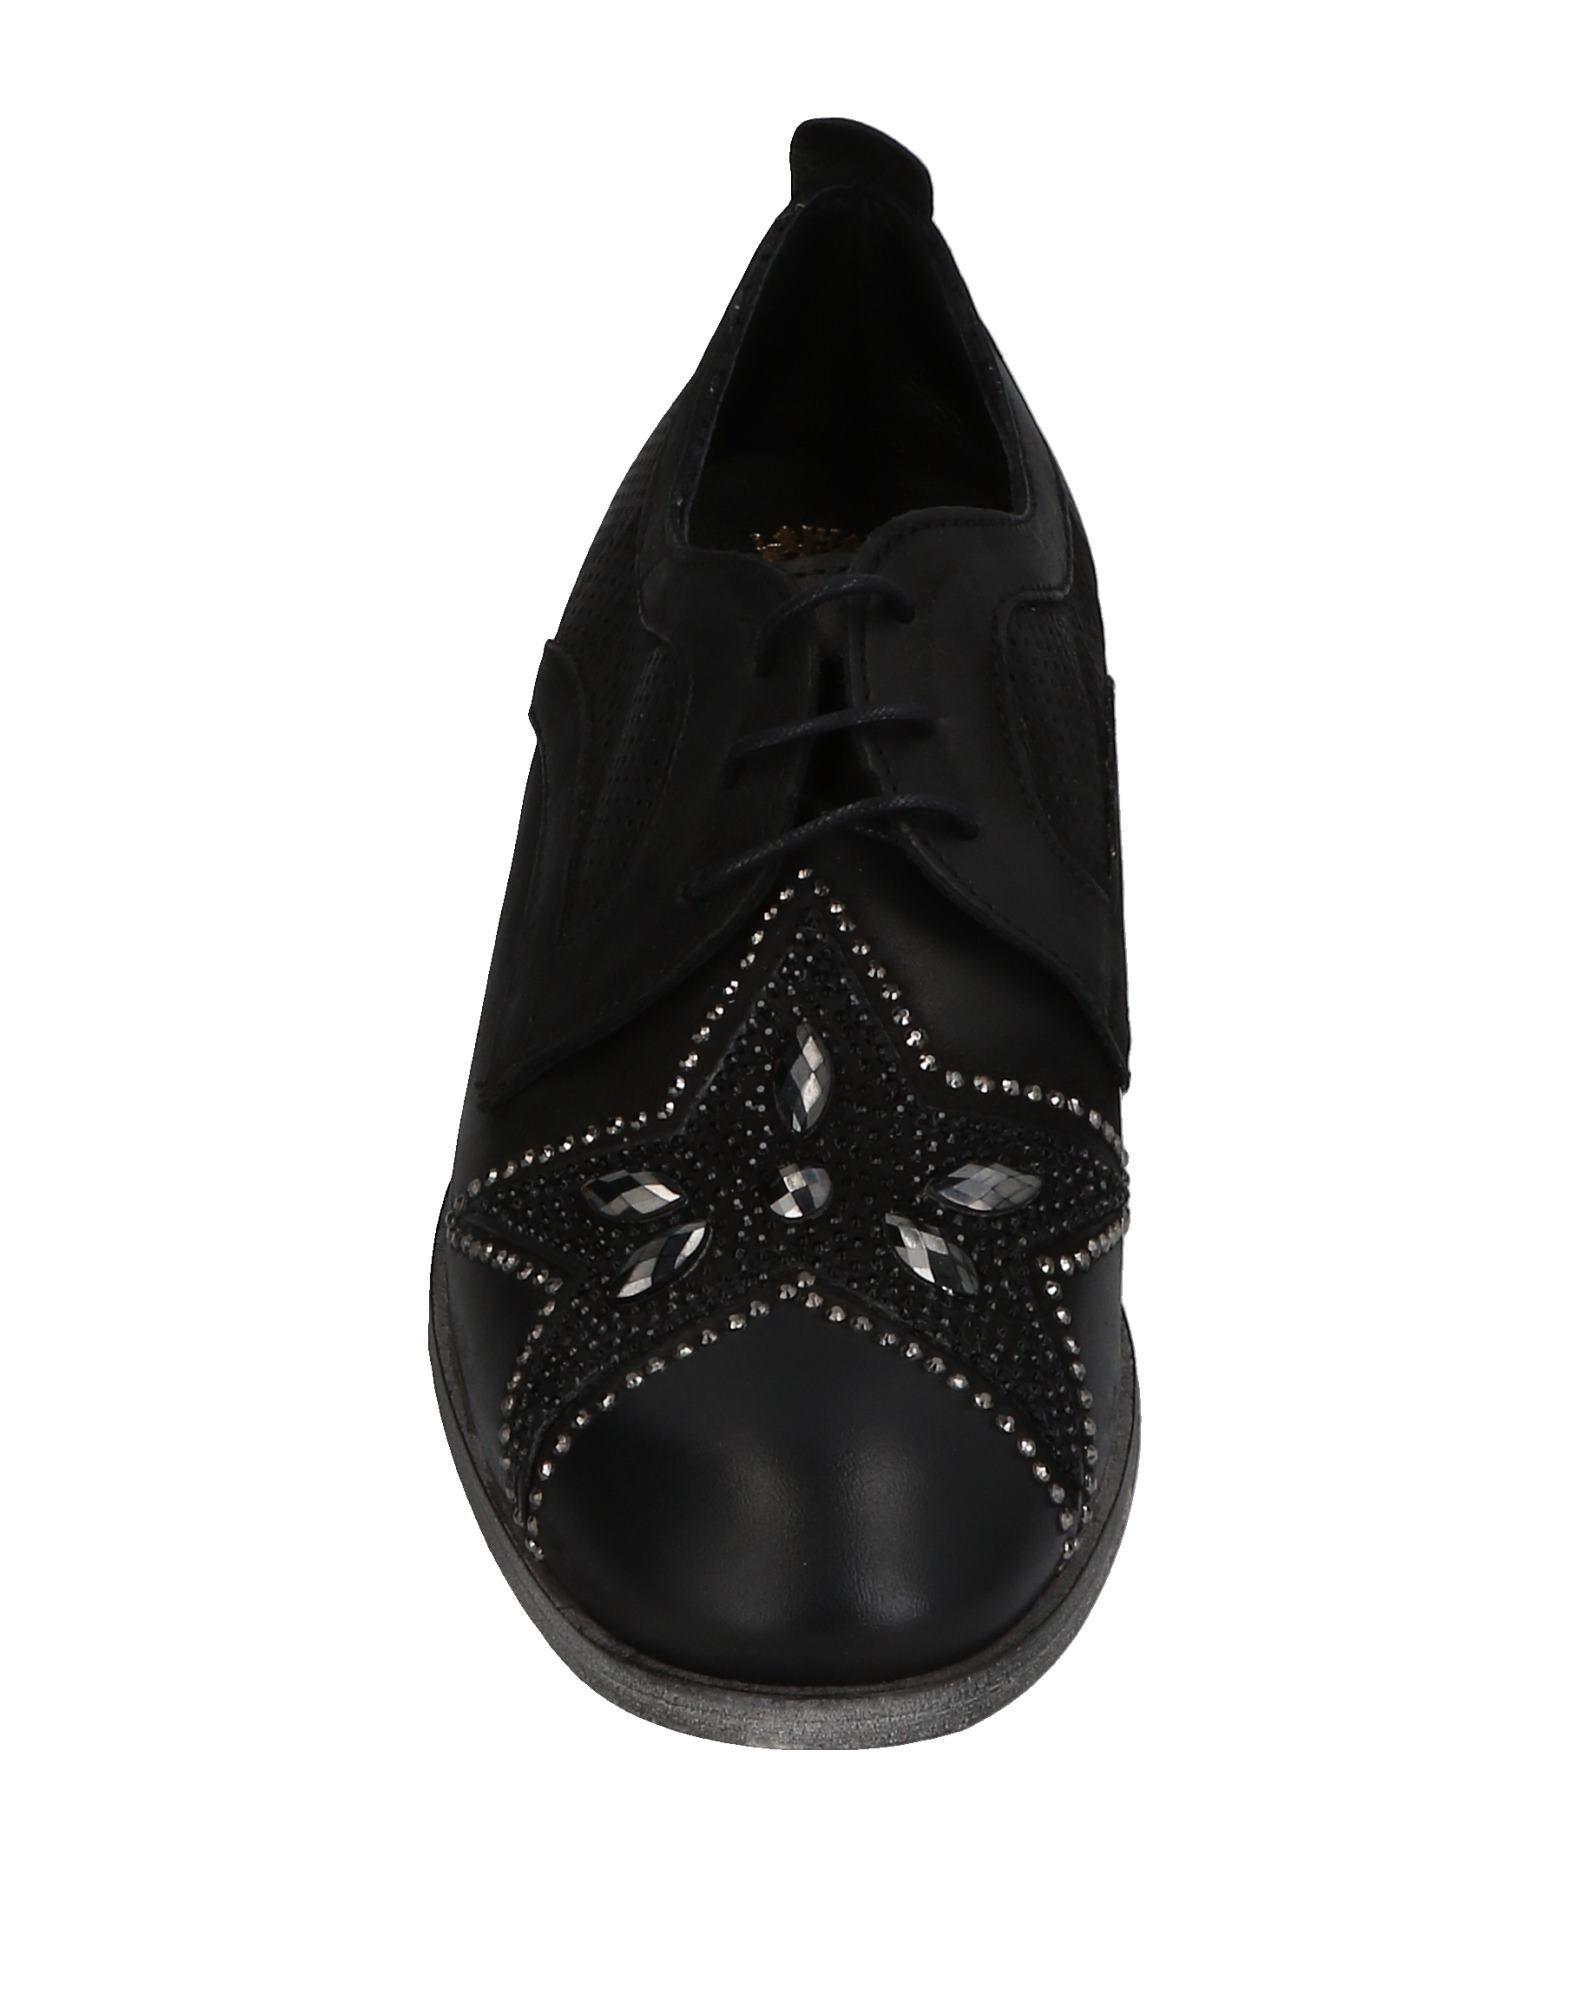 Brawn's Schnürschuhe Damen  11433667NA Gute Qualität beliebte Schuhe